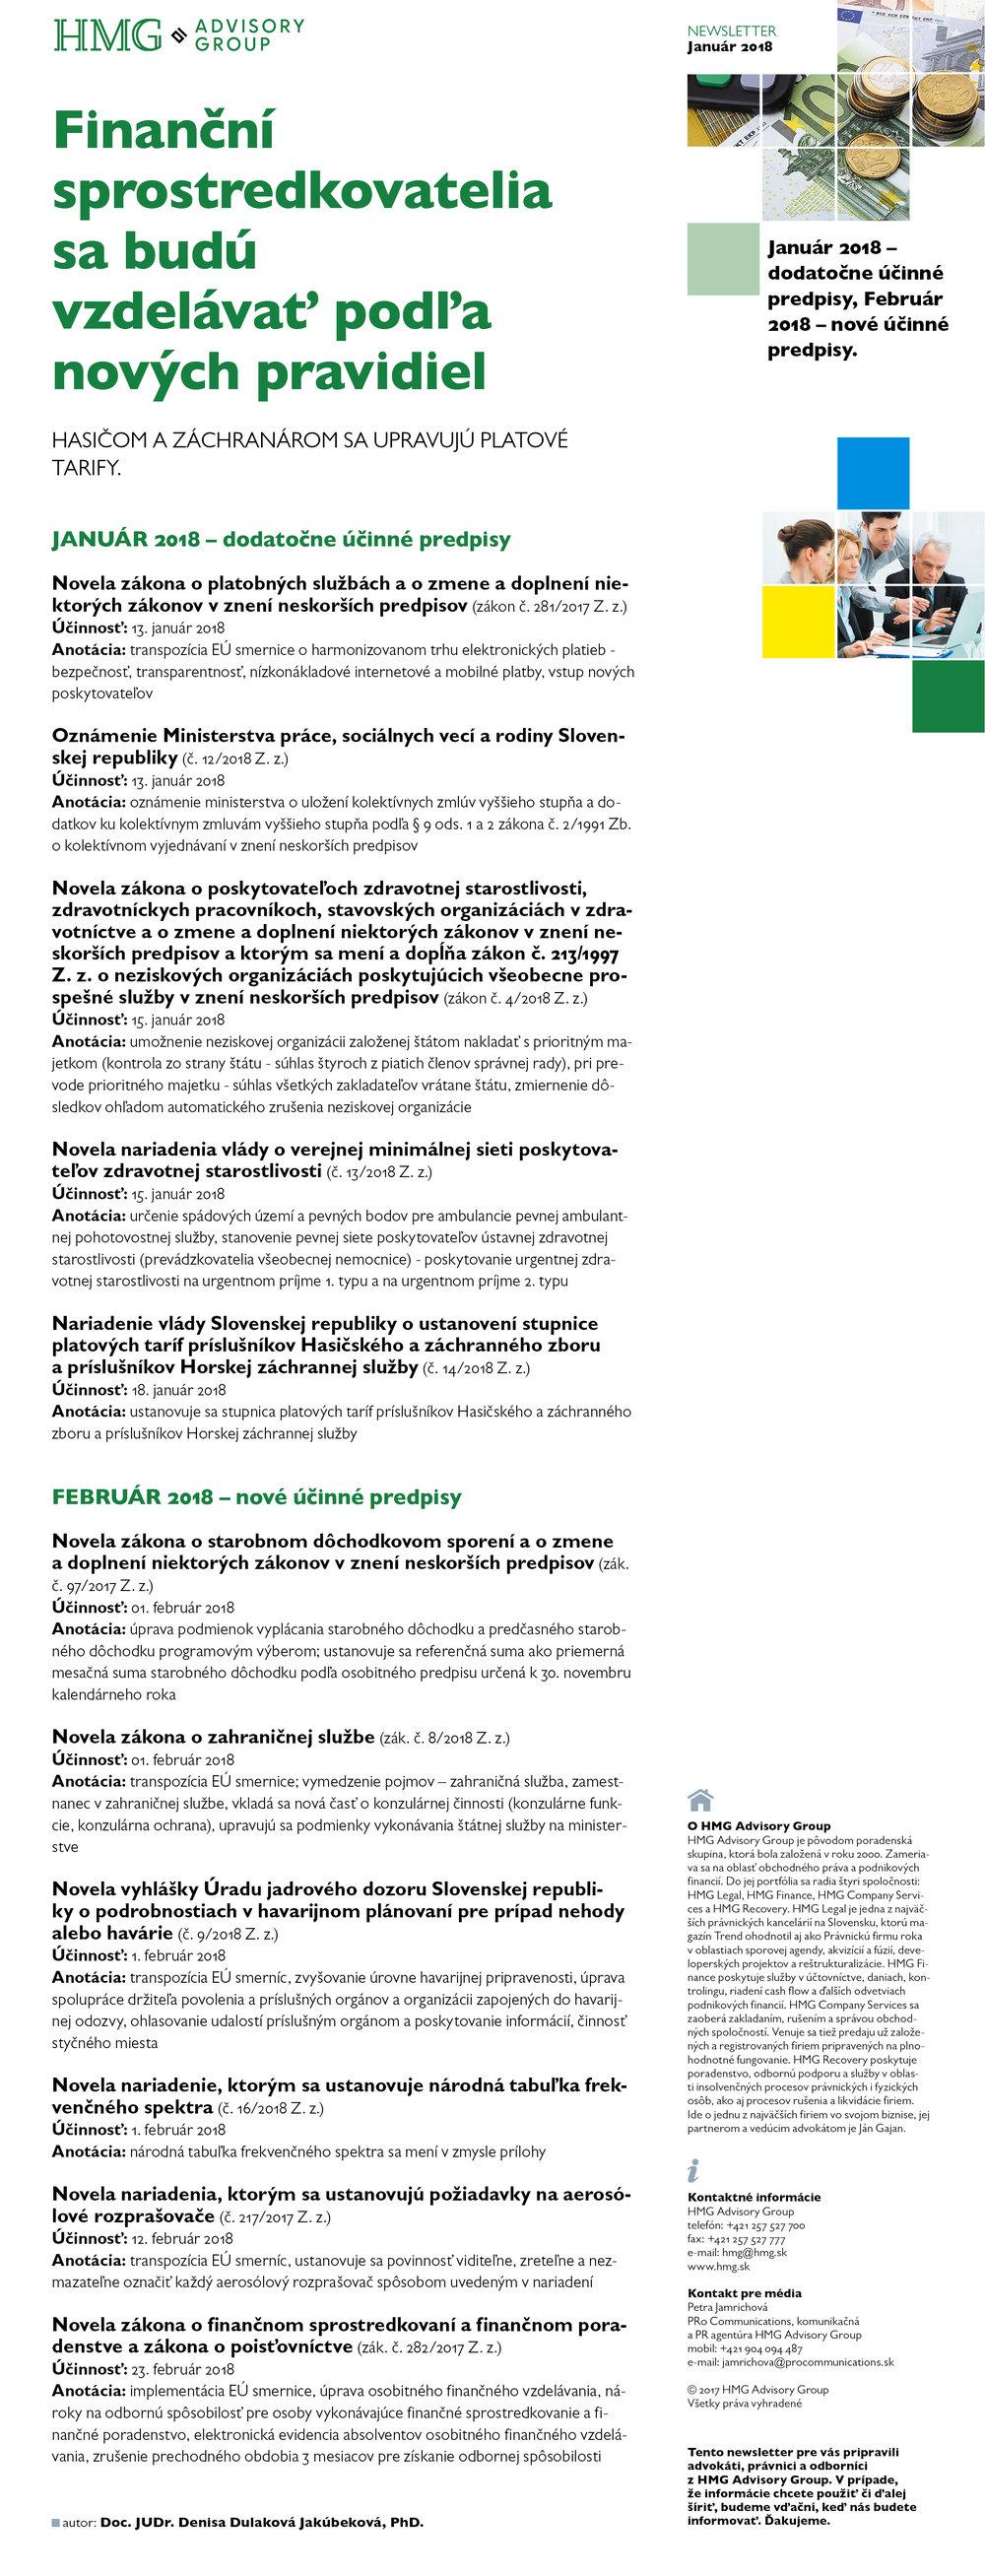 HMG_newsletter_predpisy.jpg